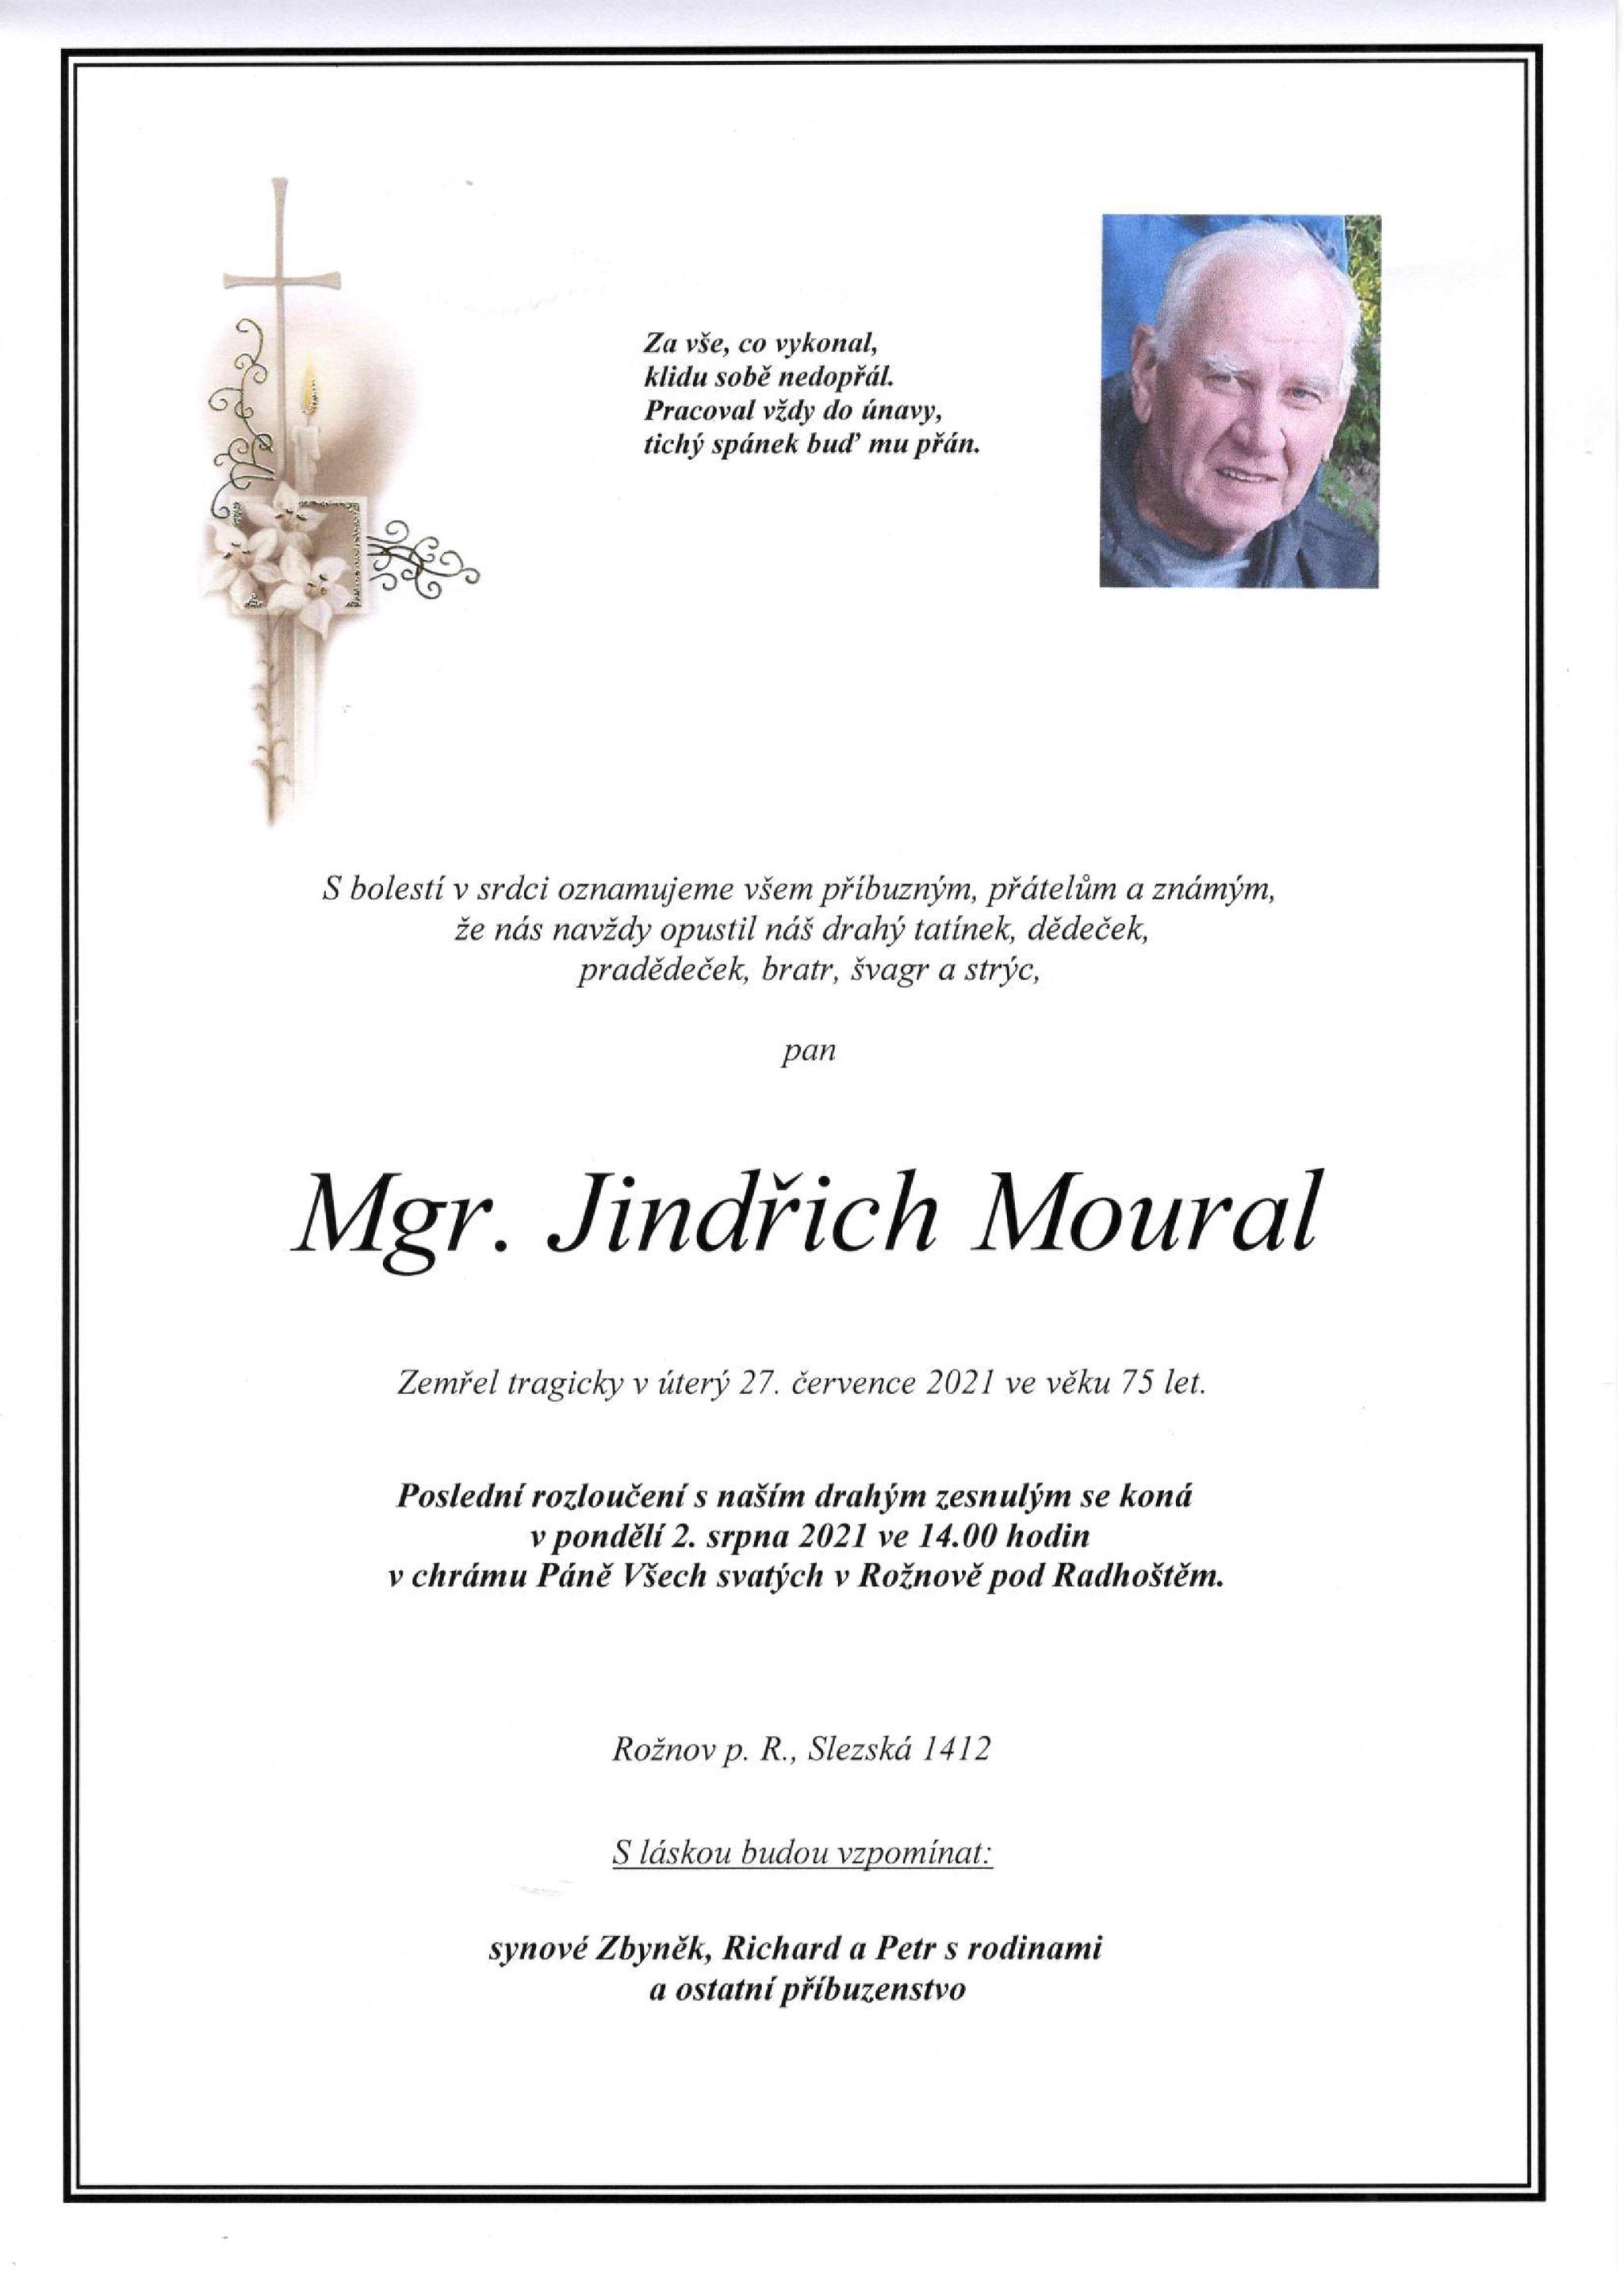 Mgr. Jindřich Moural